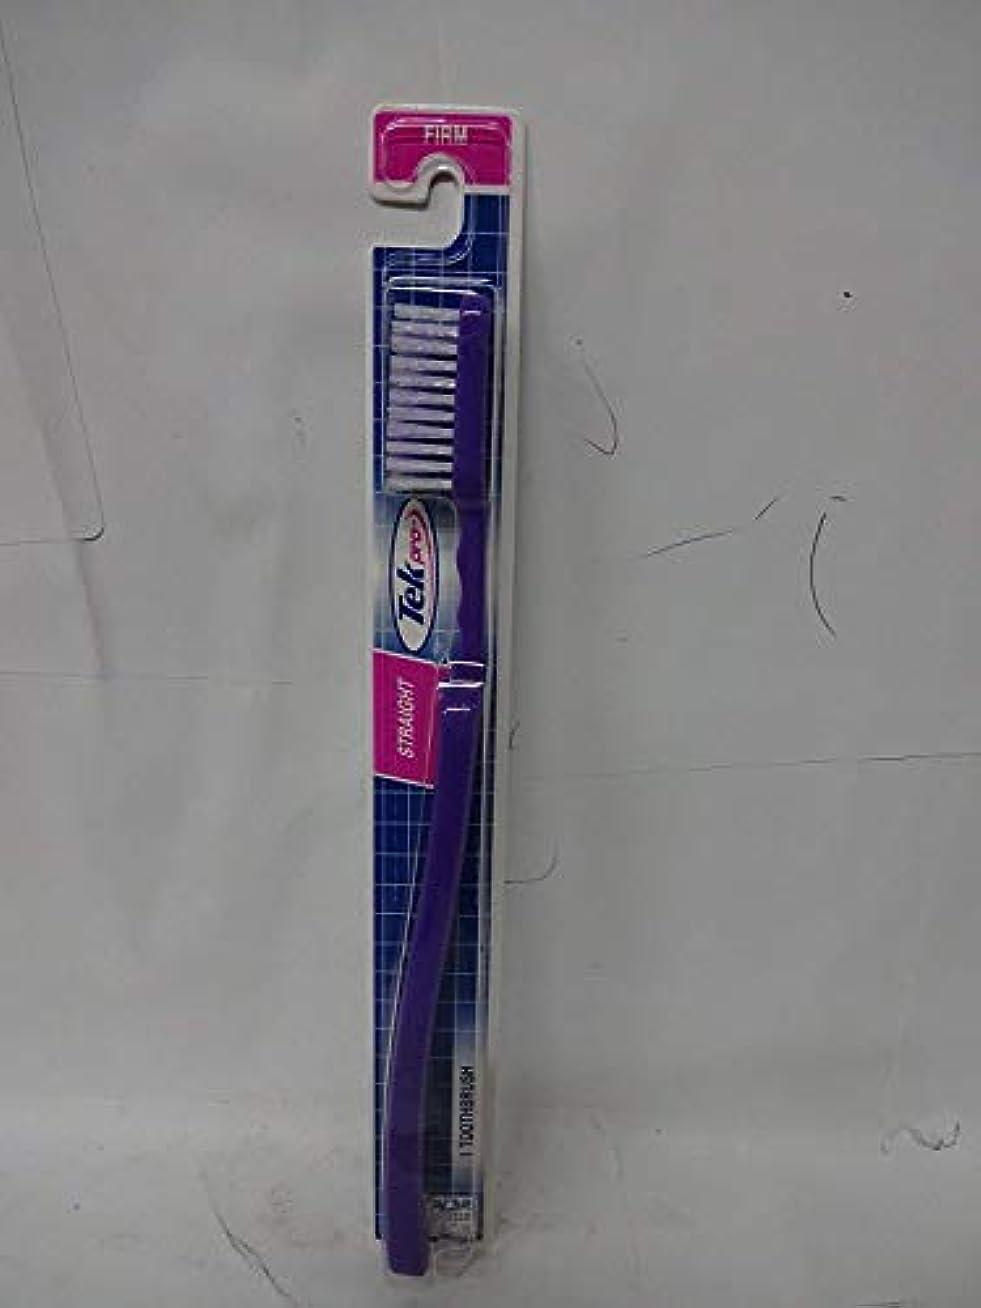 動作アクティビティ何よりもTEK 歯ブラシの企業規模1CT歯ブラシ、12パック 12のパック